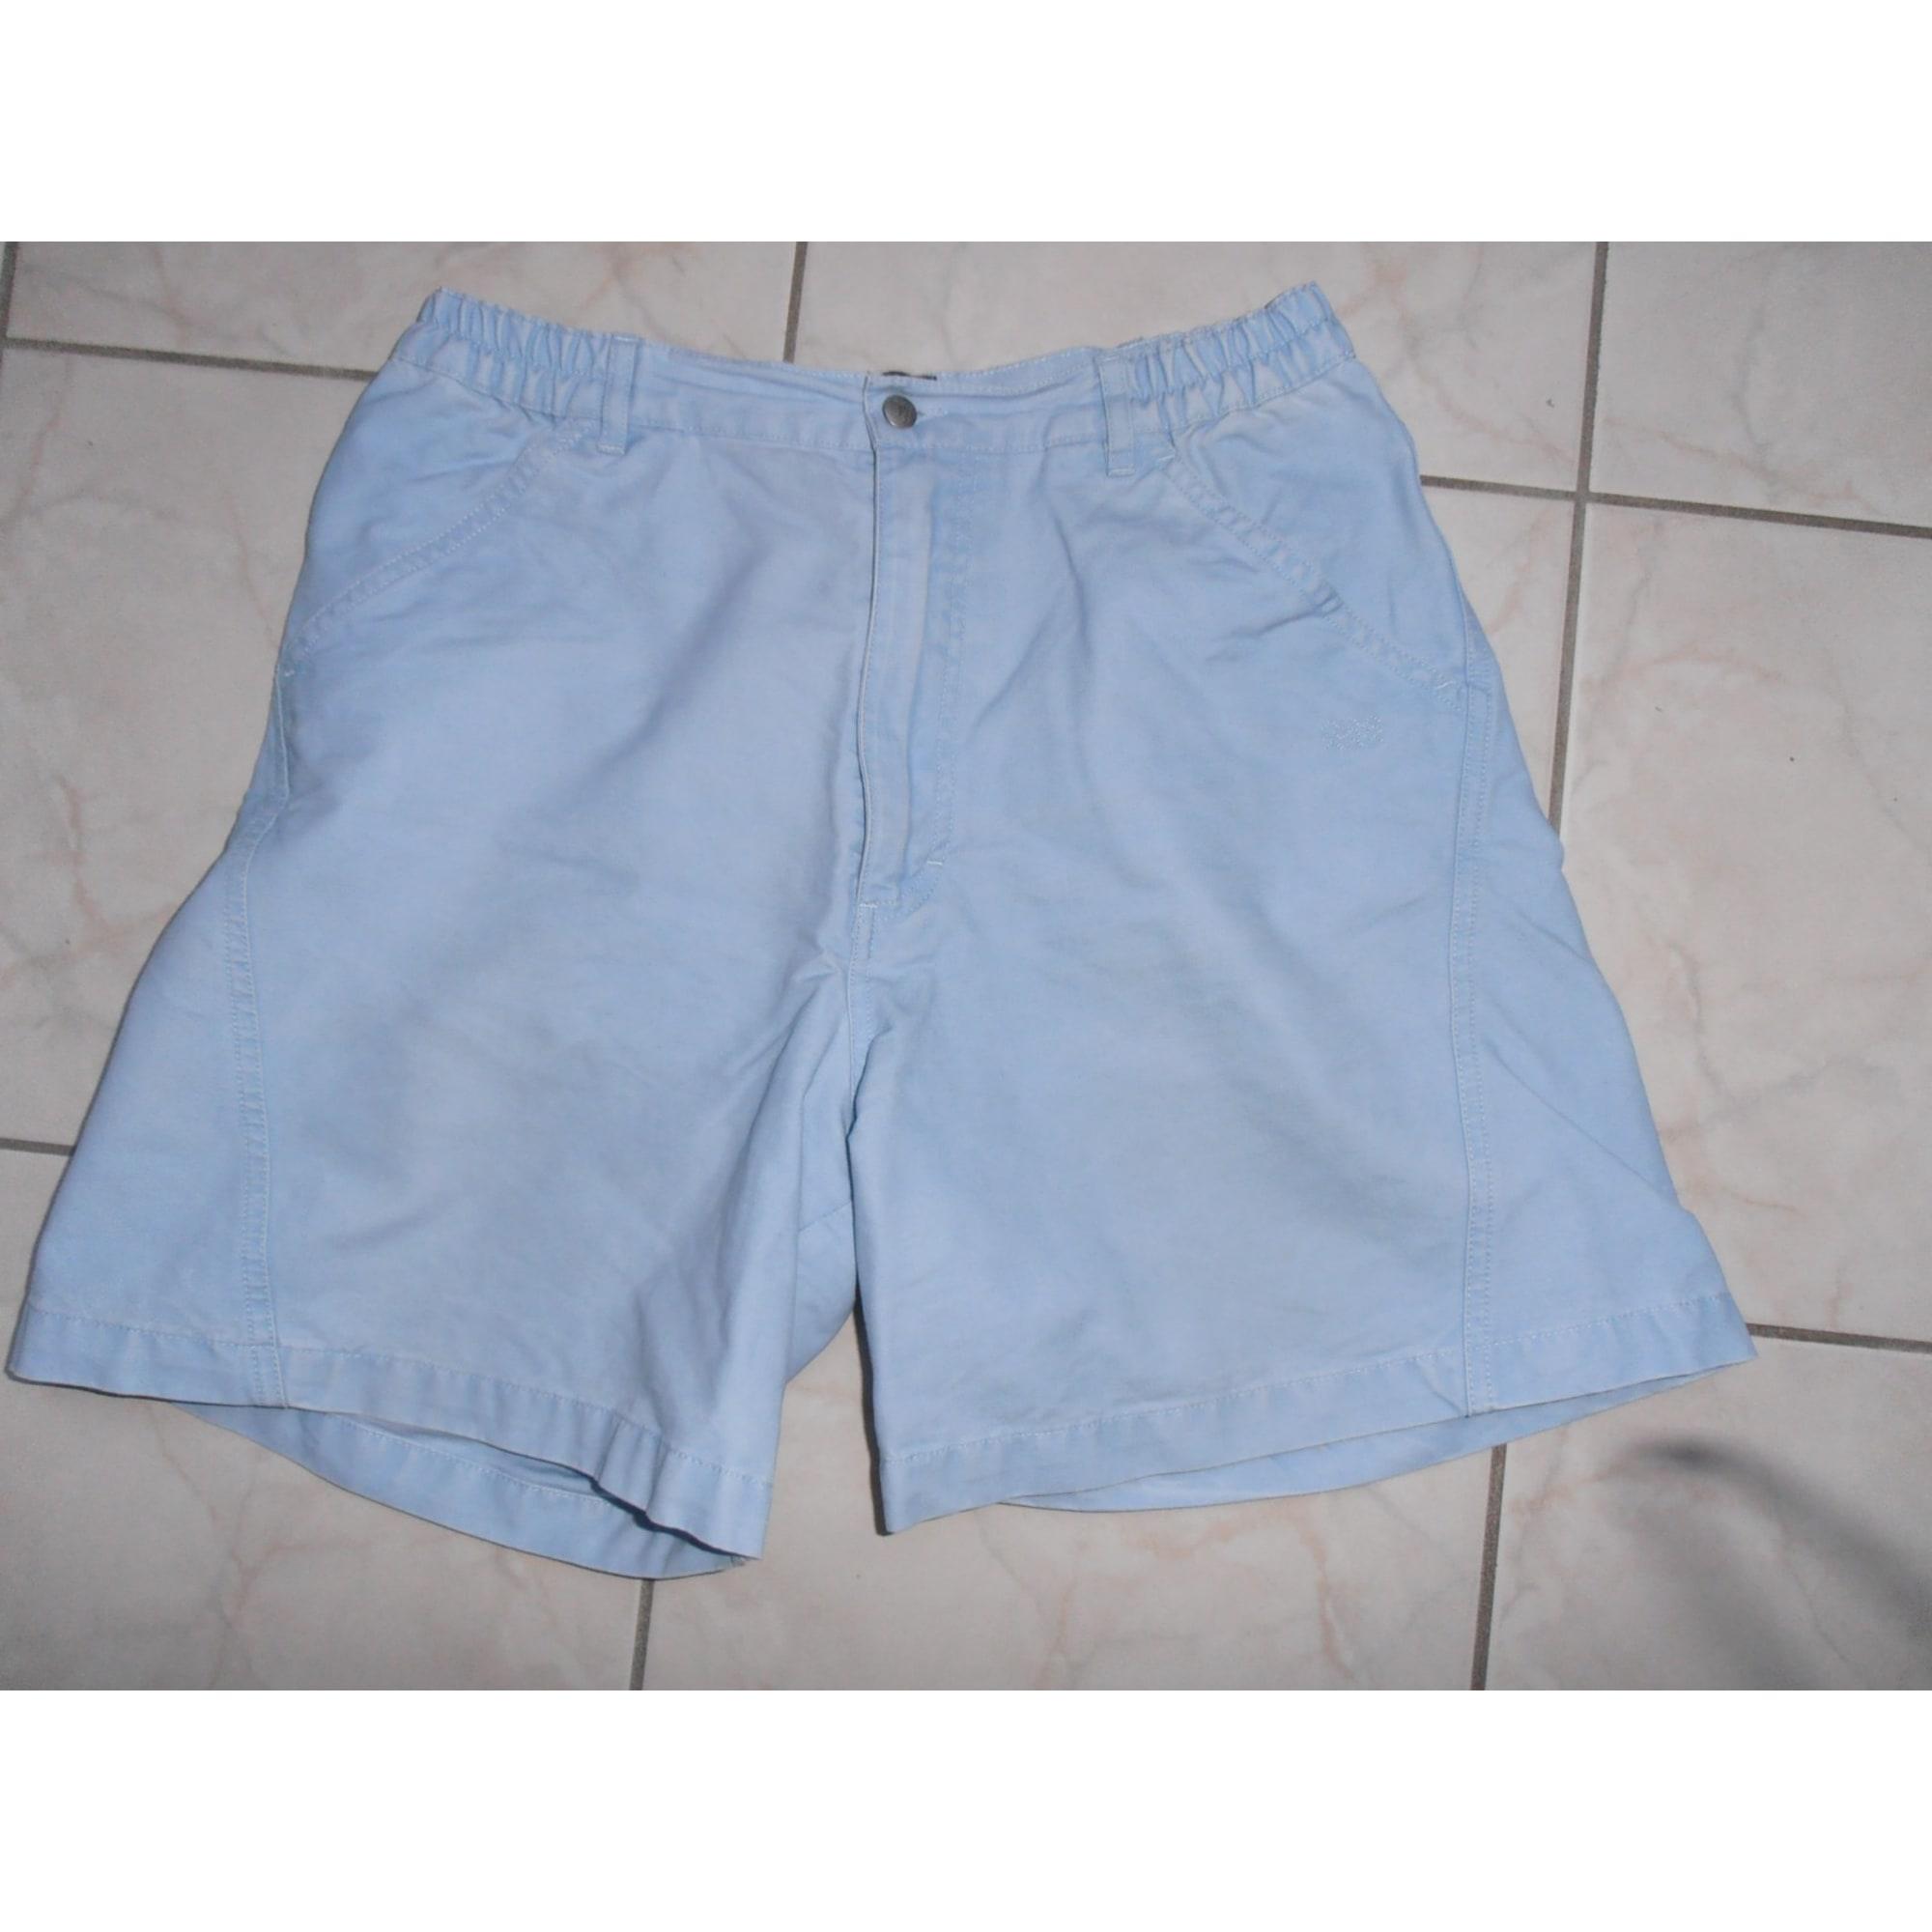 Short TBS Bleu, bleu marine, bleu turquoise